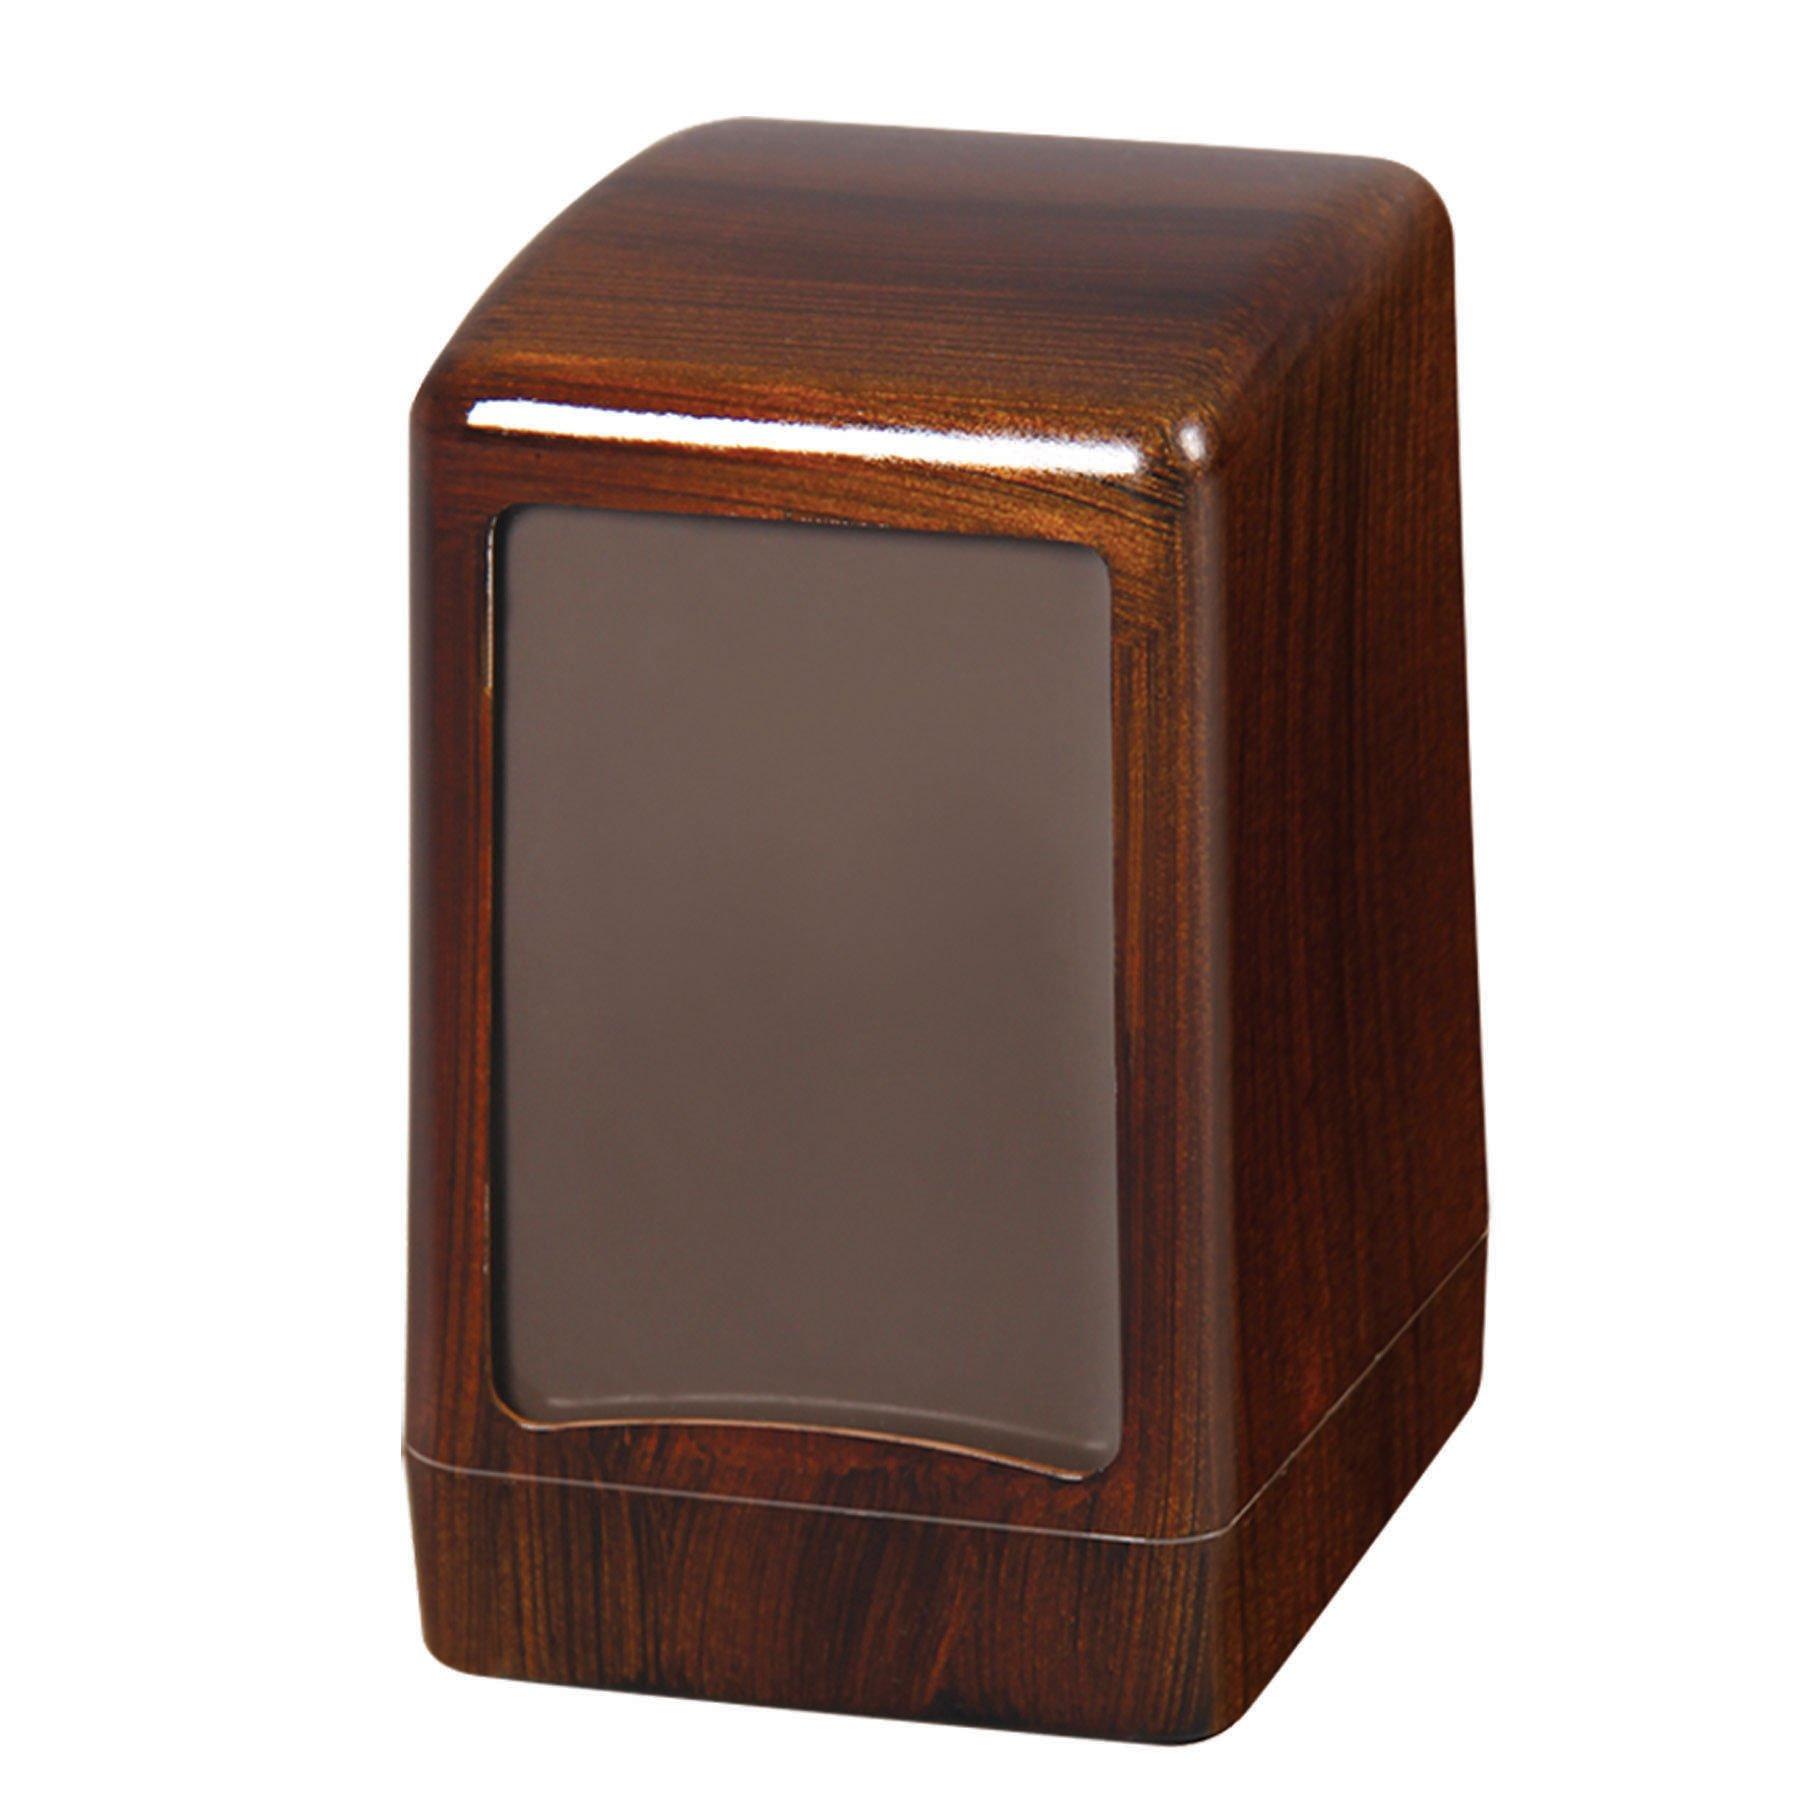 Masa Üstü Peçete Dispenseri Ahşap görünümlü (Hafif)